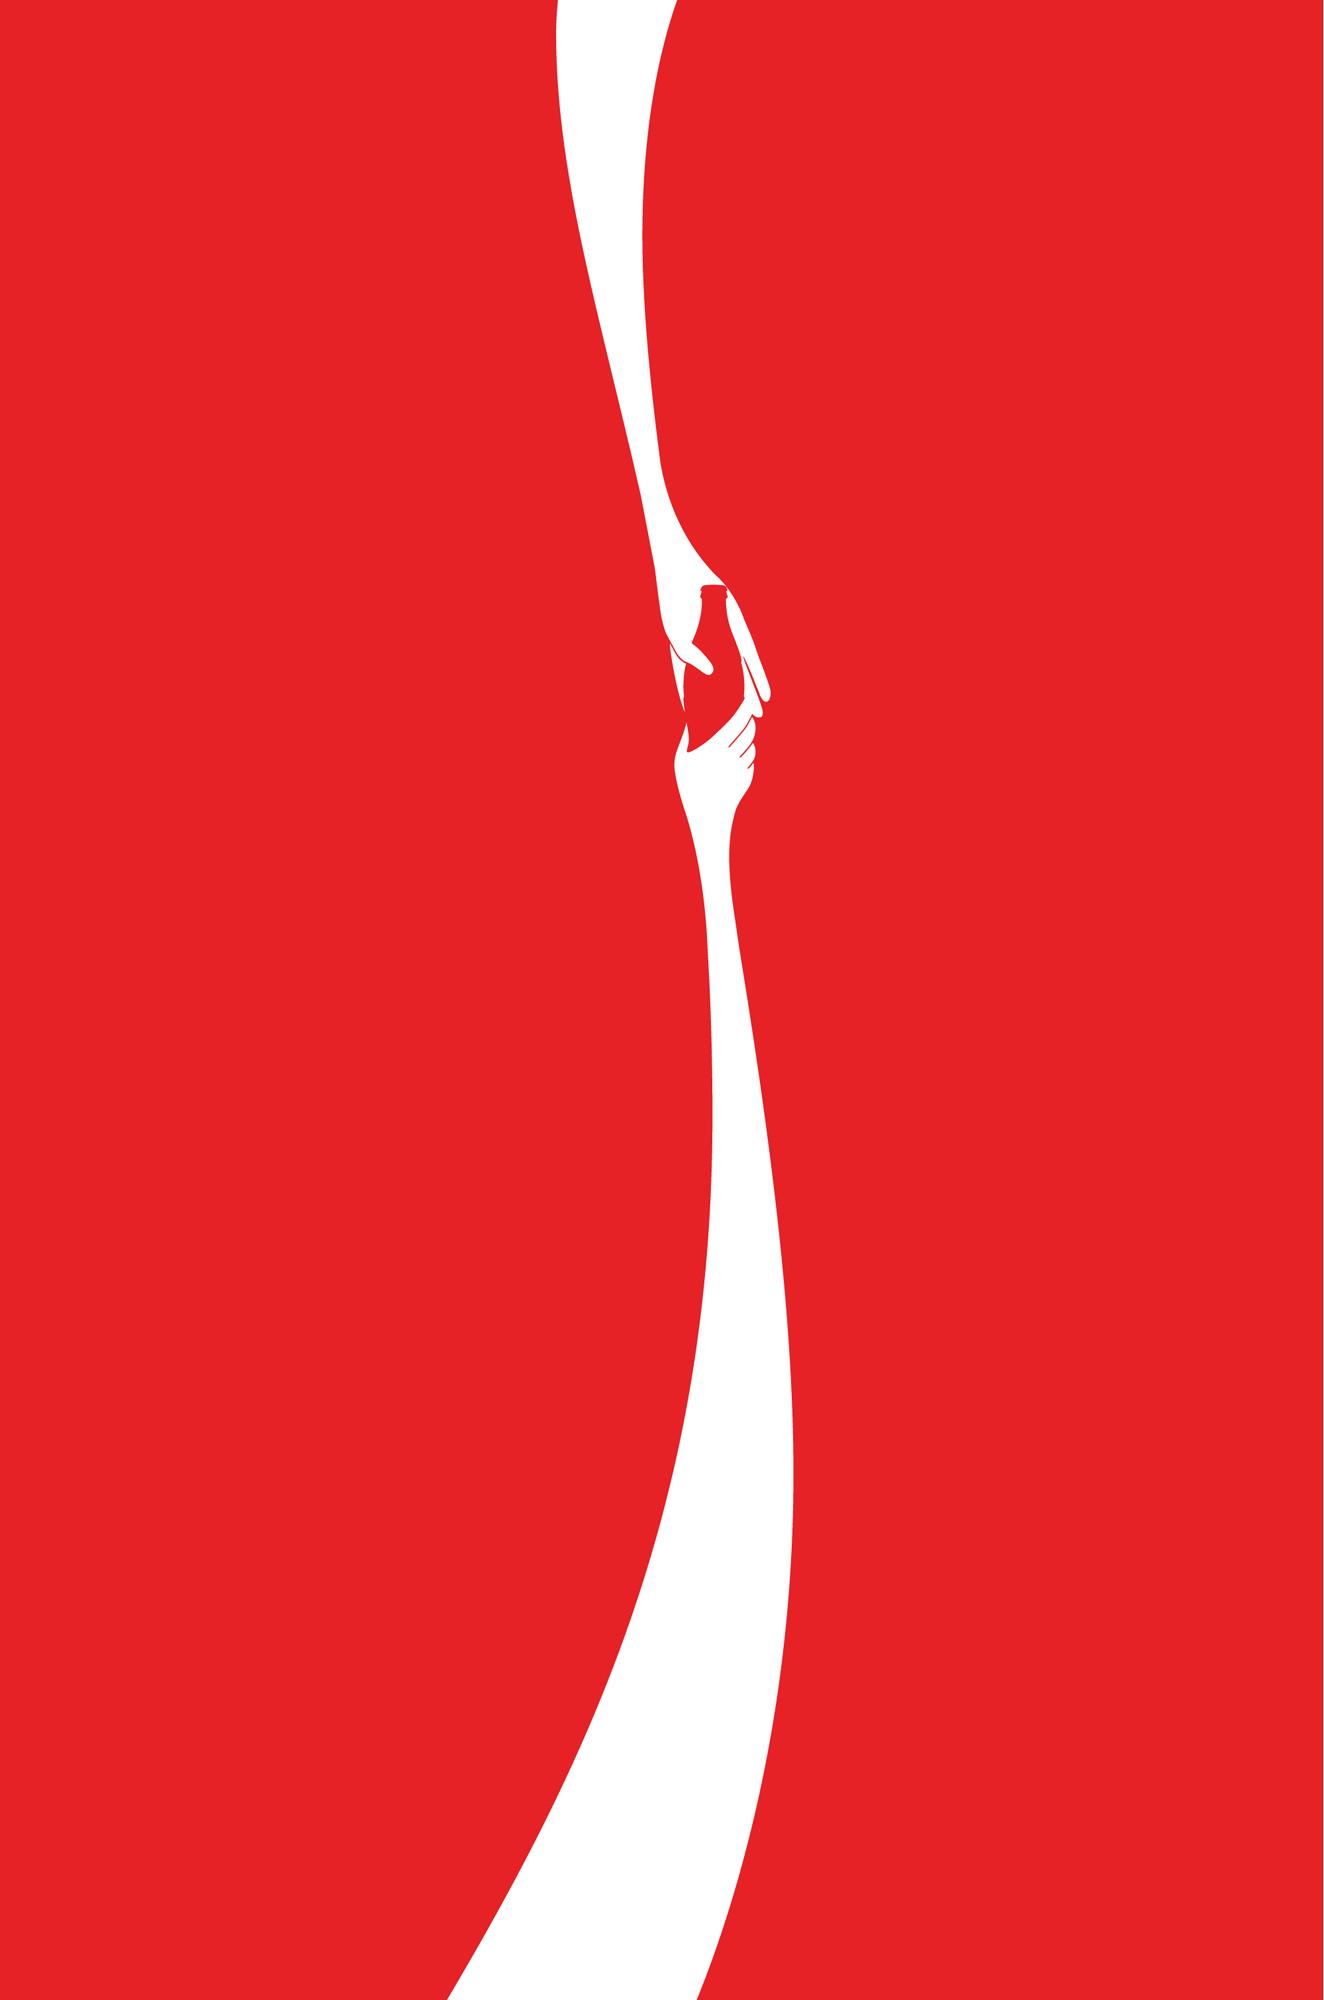 Marcas coherentes: Más allá del logo | Diseños con